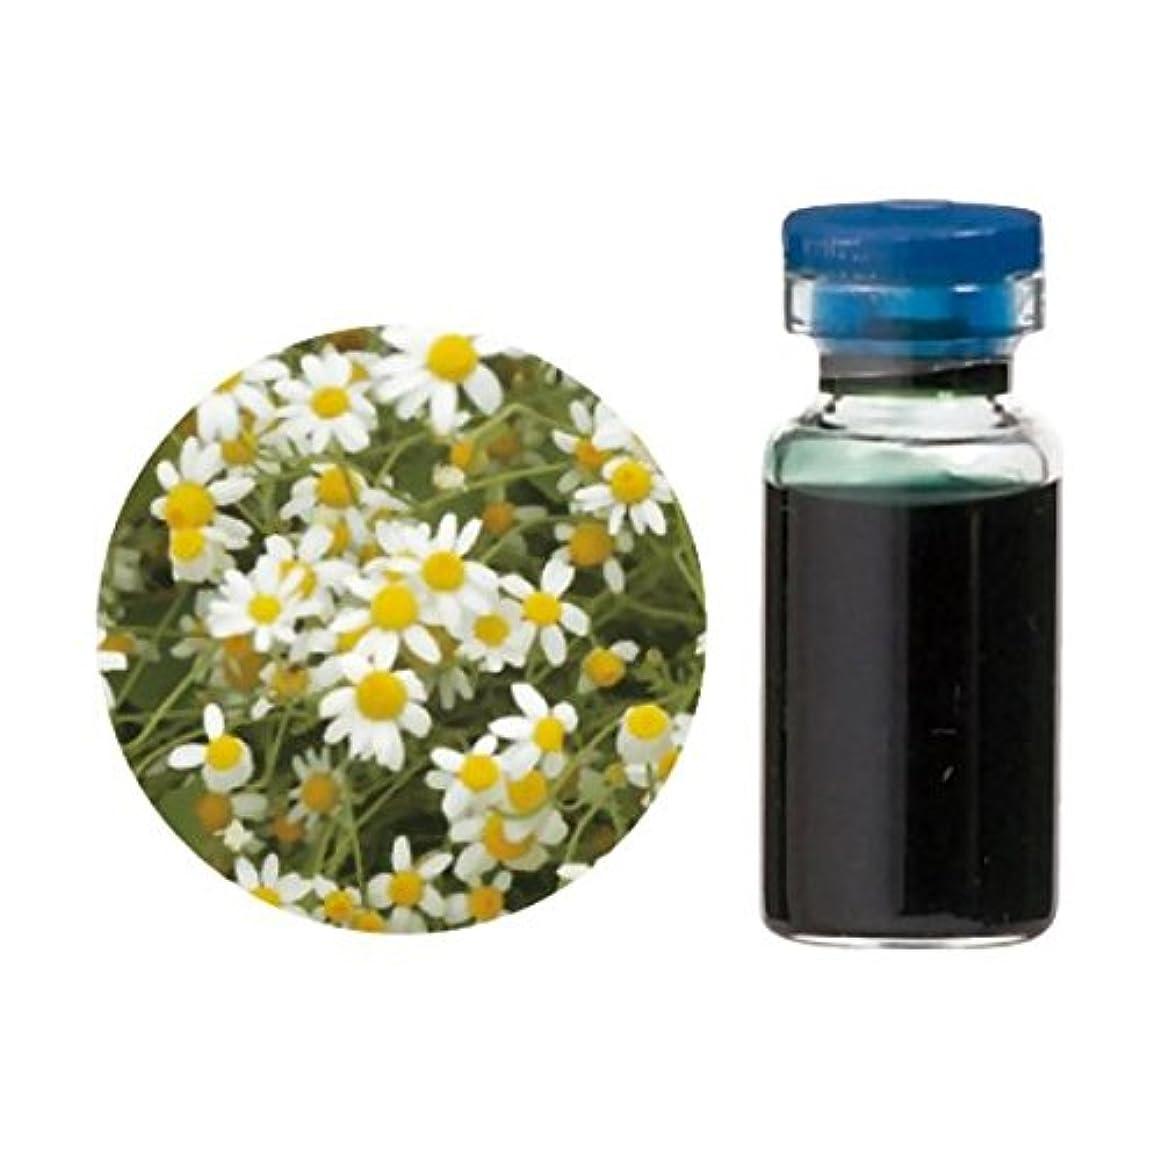 ベリードール量生活の木 Herbal Life レアバリューオイル カモマイル?ジャーマン(カモミール?ジャーマン) 1ml 2セット